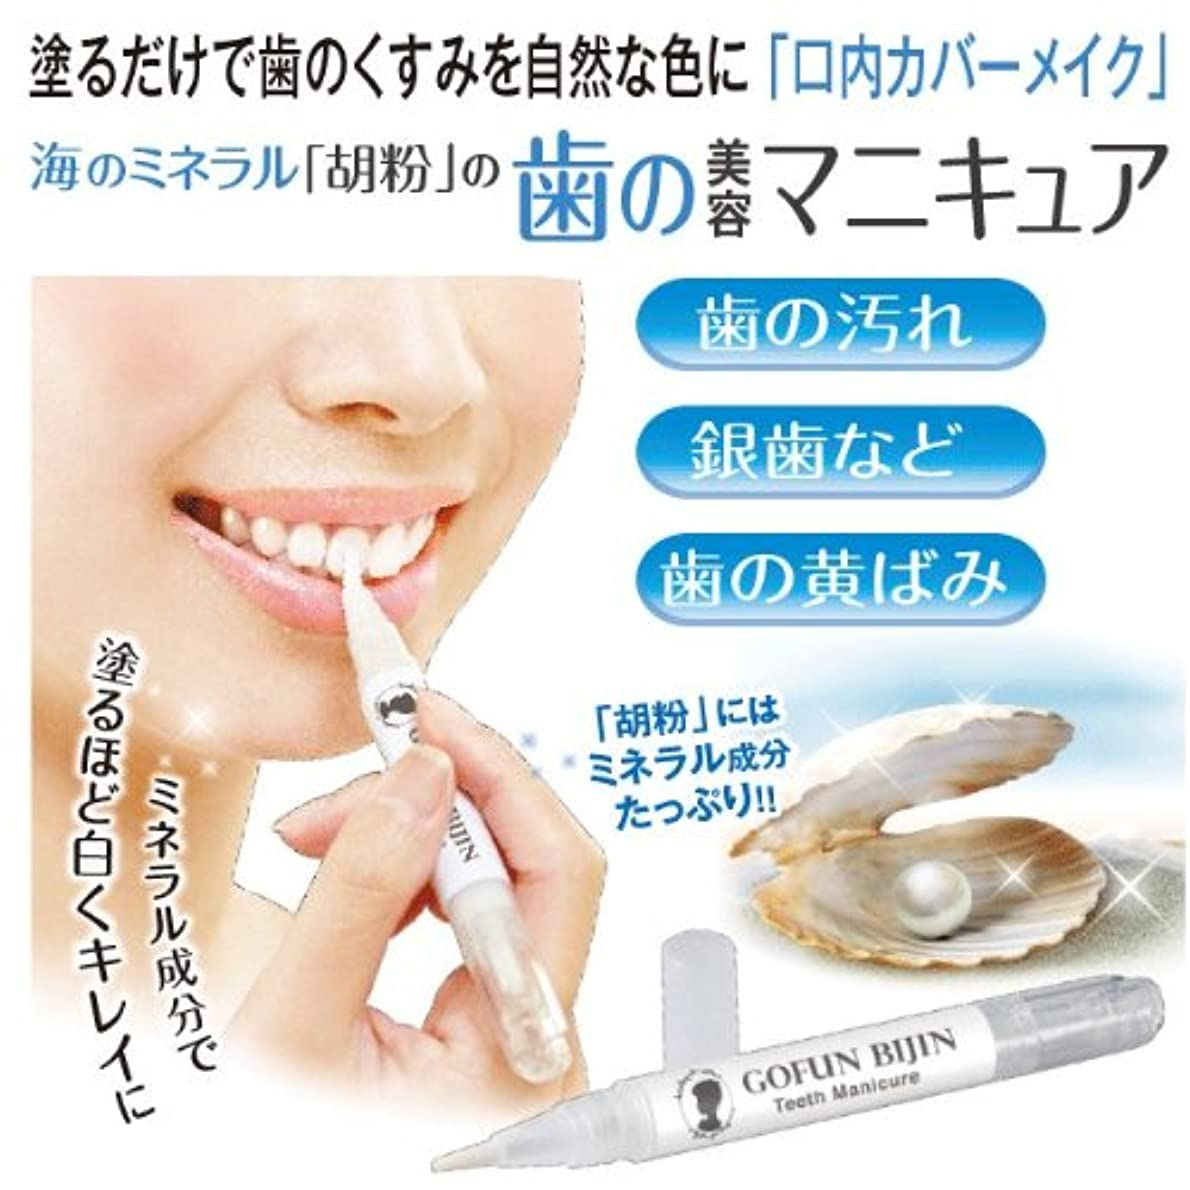 あなたが良くなりますフィードバックお願いします胡粉美人 歯マニキュア 歯にミネラルを補給してキレイに